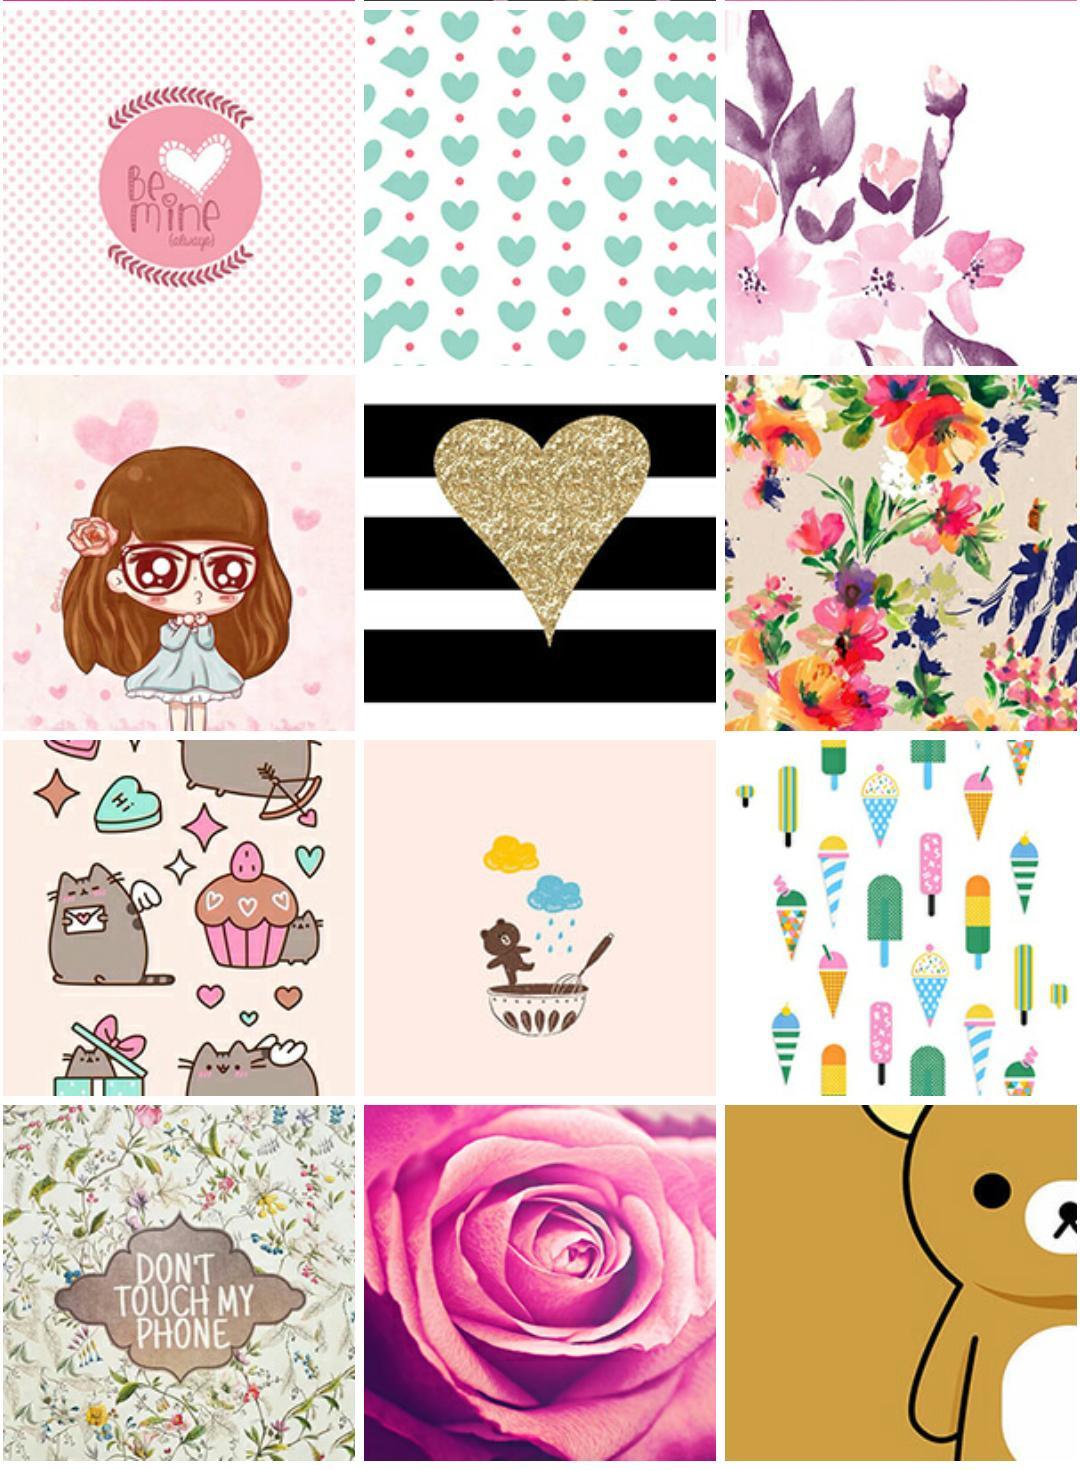 Wallpaper Untuk Anak Perempuan For Android Apk Download